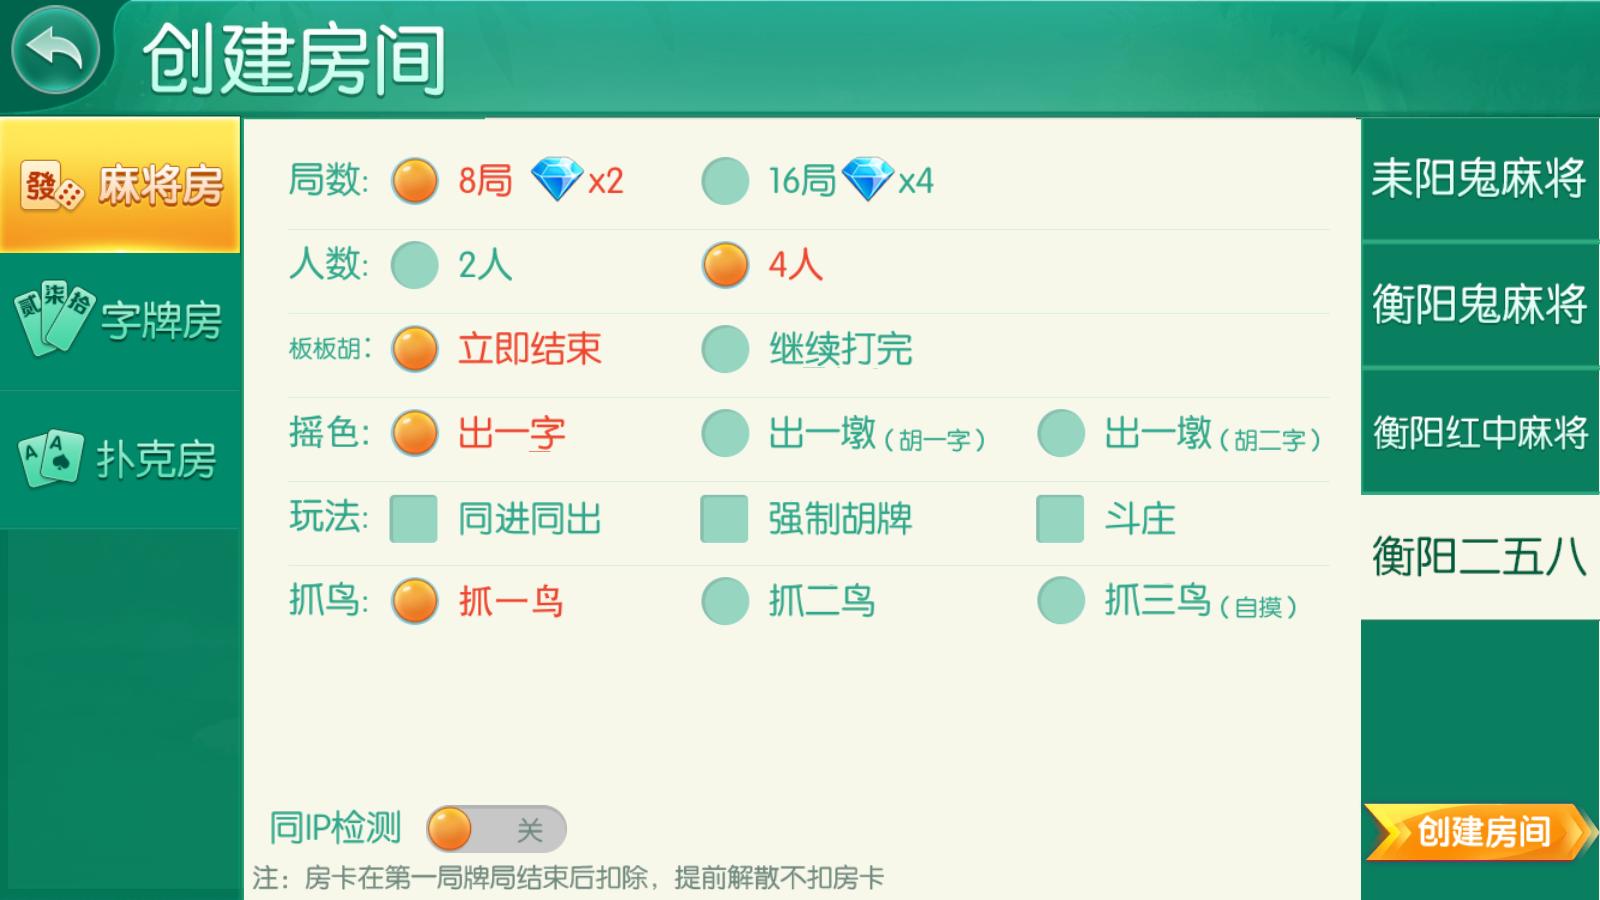 网狐二开跑胡子合集 麻将游戏 字牌游戏 扑克游戏 完整整理-第12张